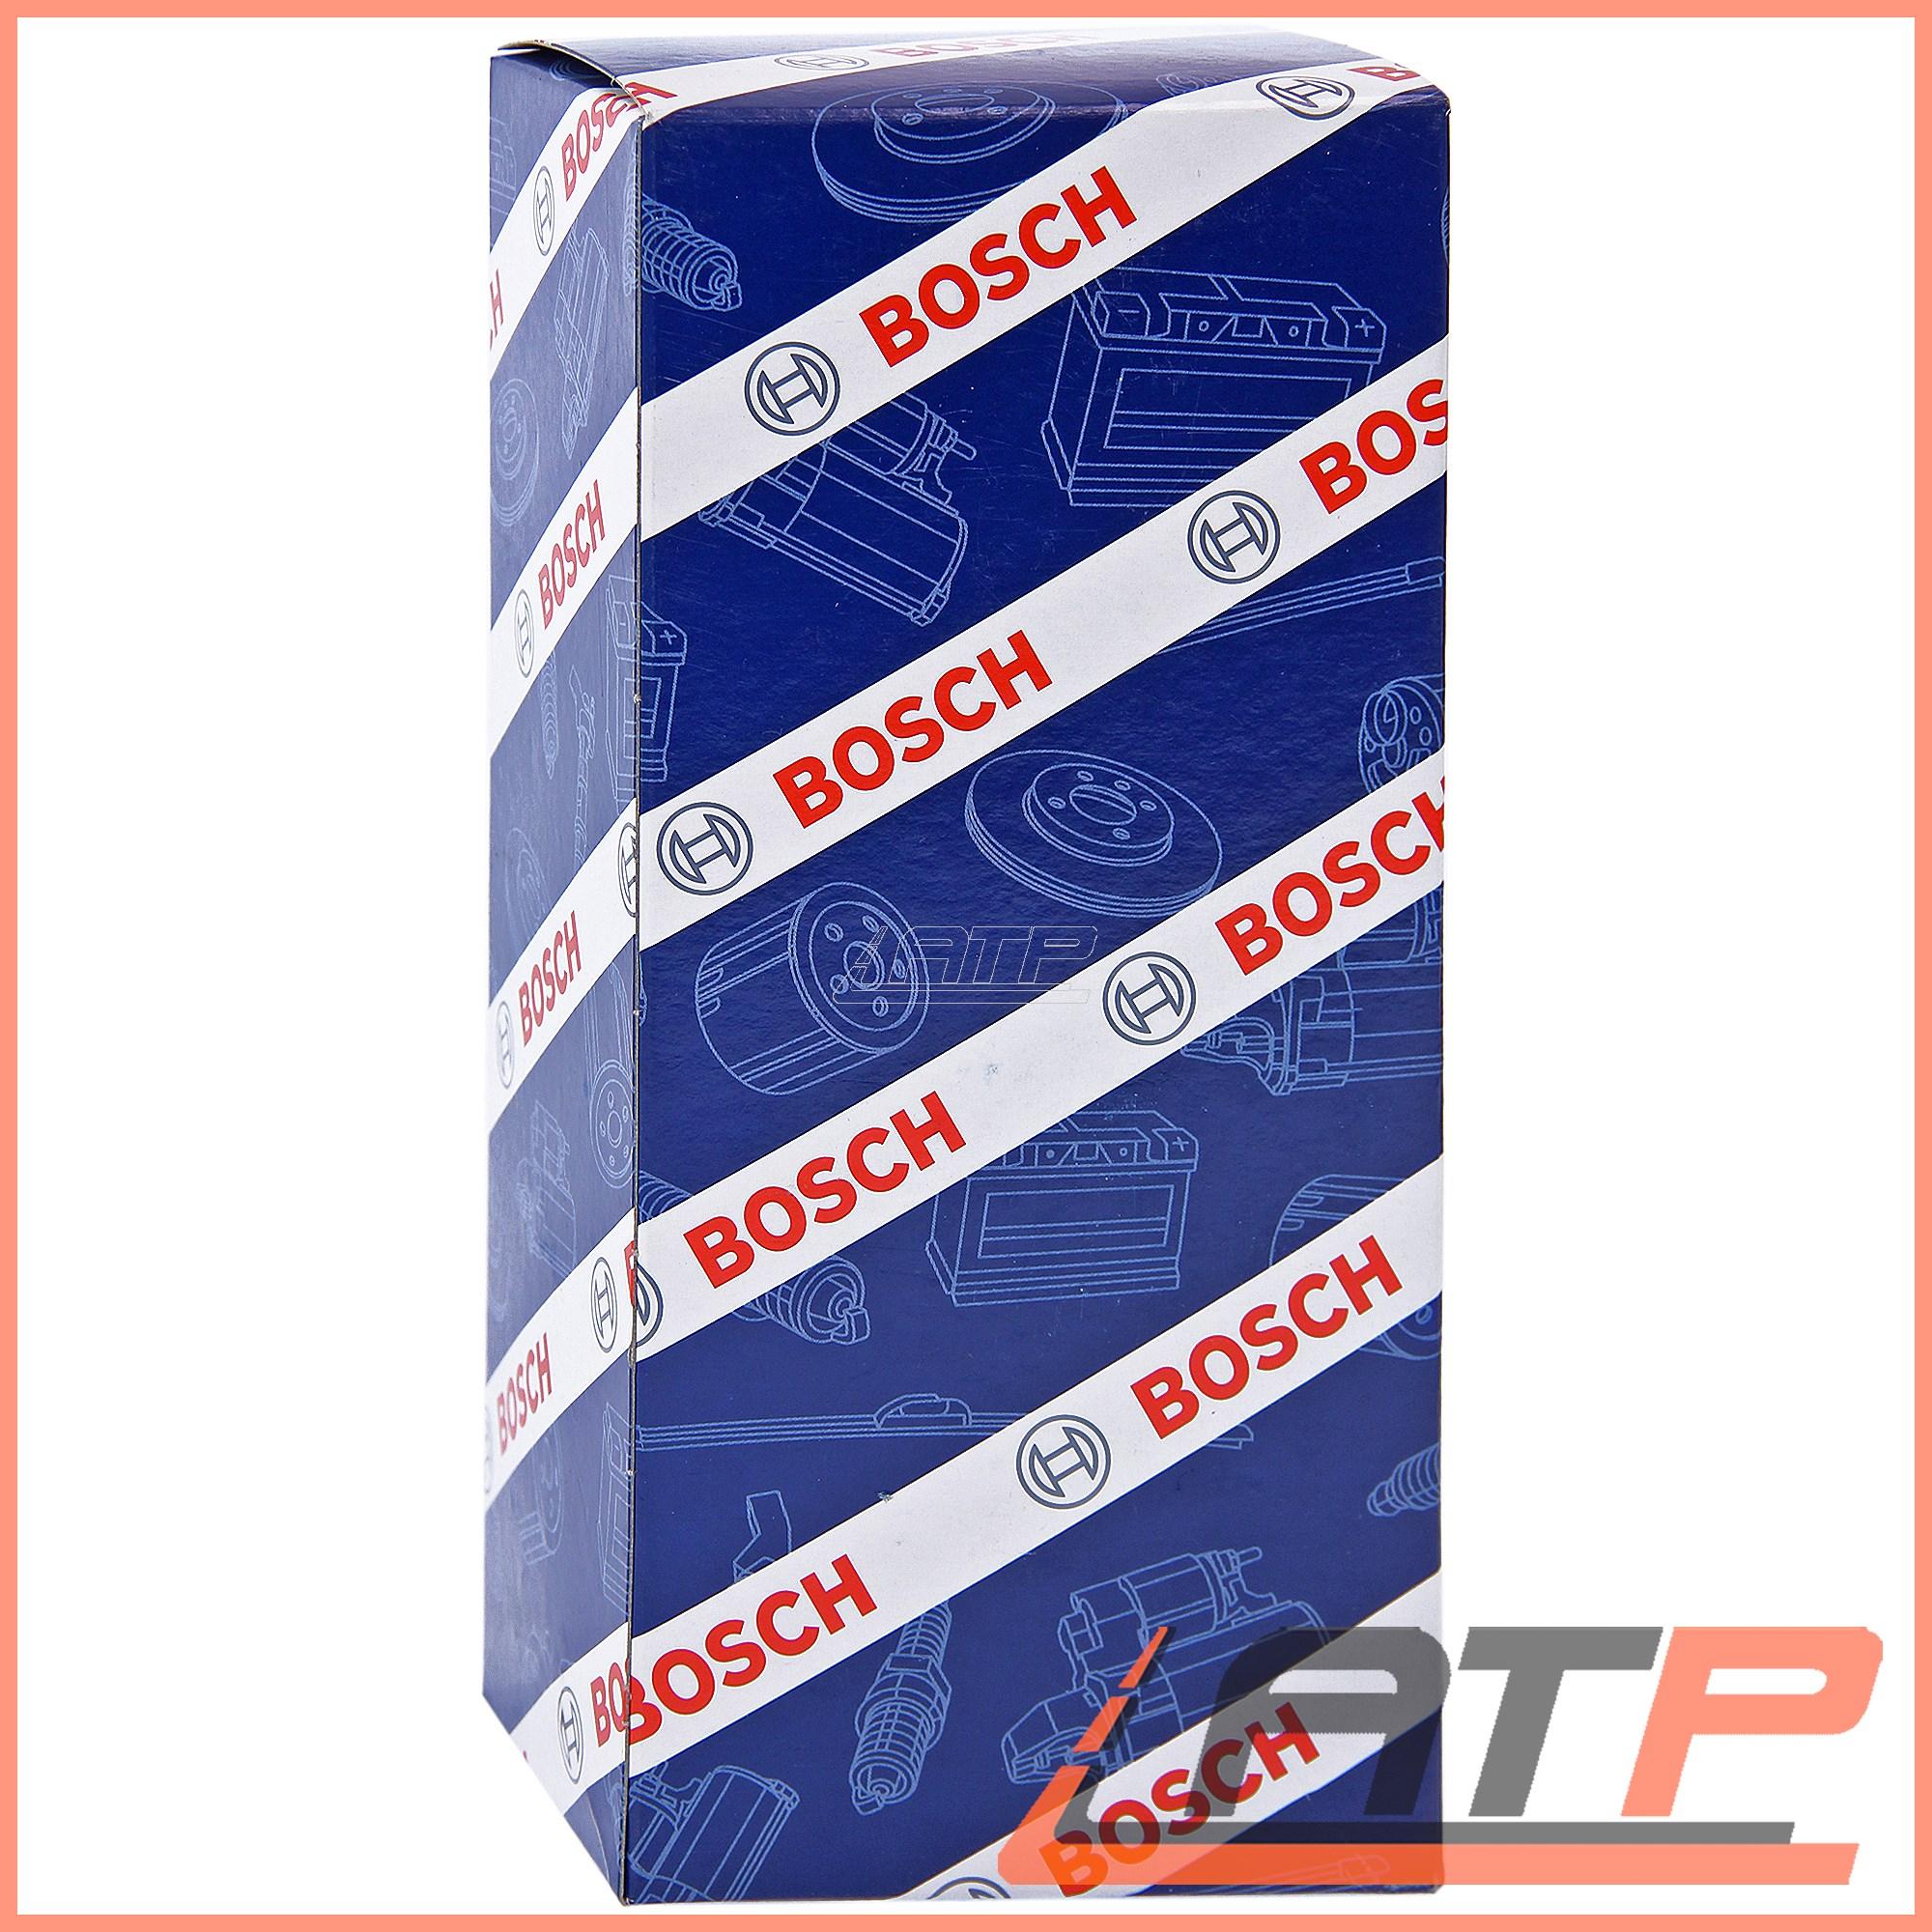 4X-Bosch-Lapiz-de-la-bobina-de-encendido-Audi-A4-8E-B7-2-0-RS4-04-08-8K-B8-1-8-2-0-07-16 miniatura 5